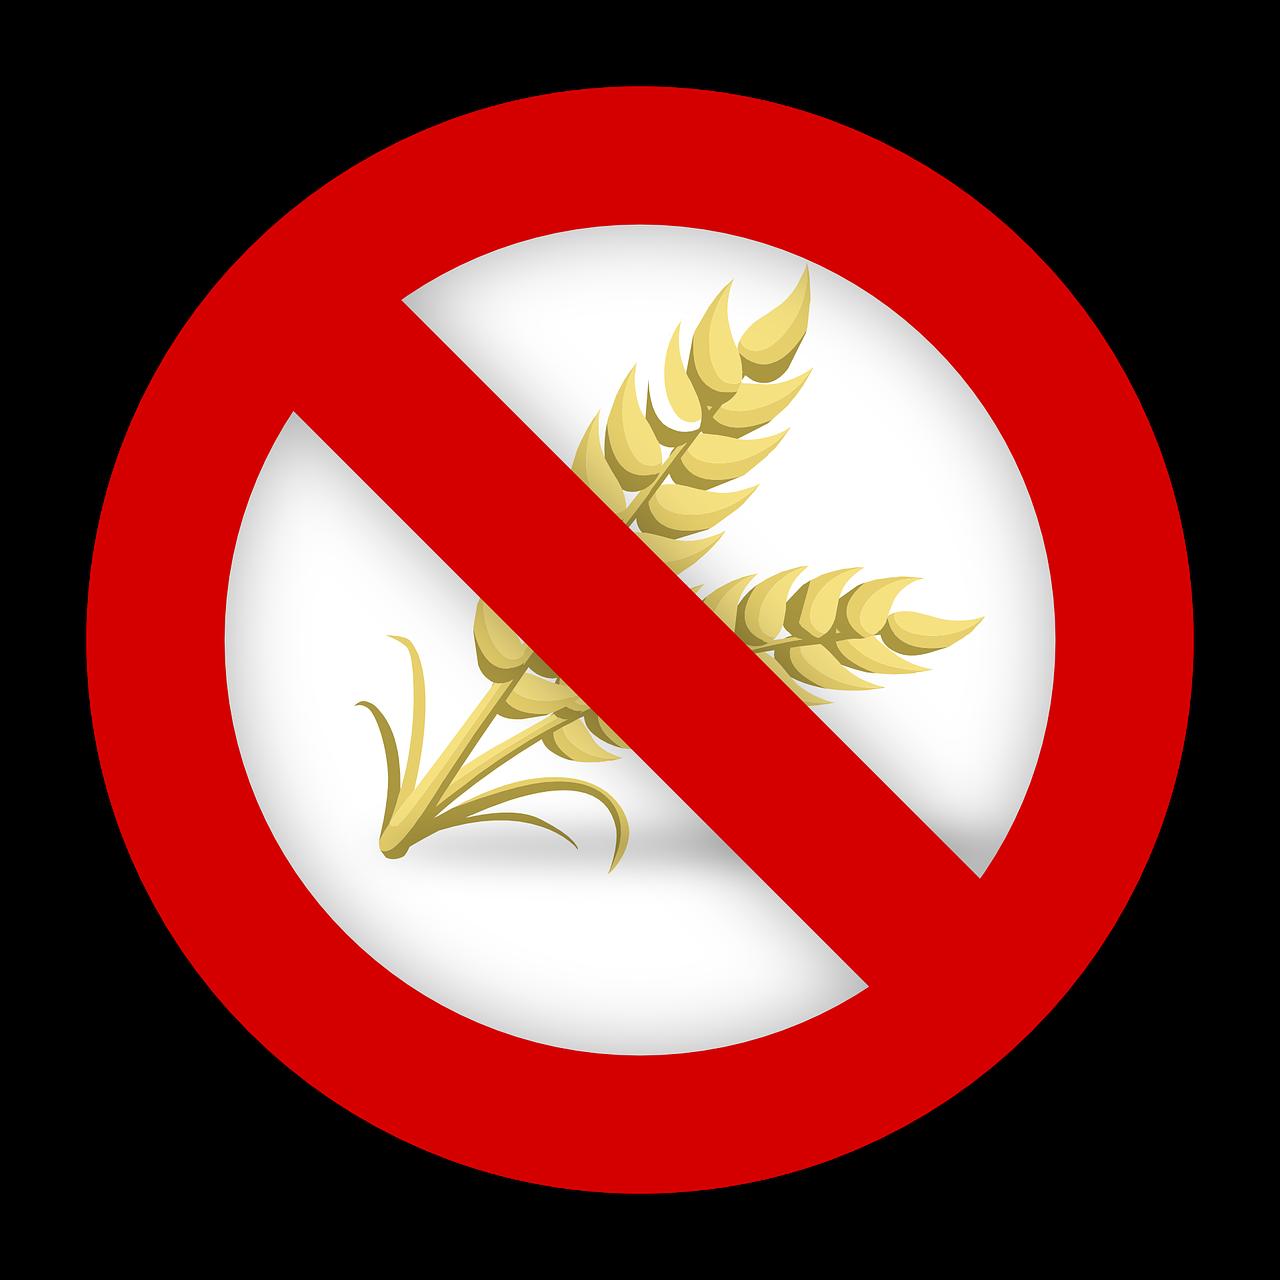 Las dietas libres de #gluten no afectan al comportamiento de menores con #autismo, según un estudio de la UGR